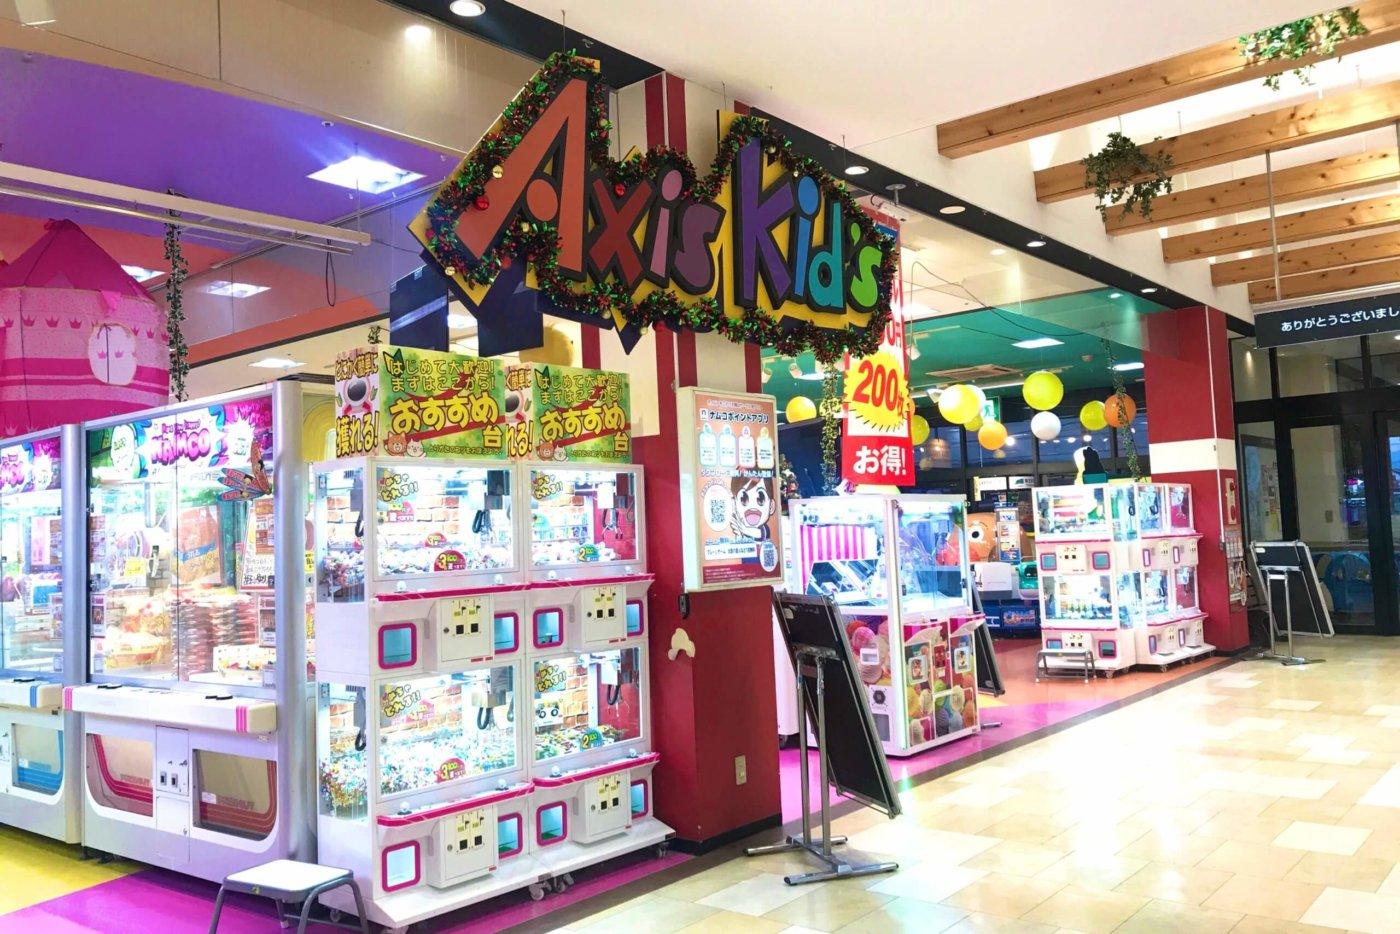 サニーアクシス南国店のゲームセンター アクシスキッズの外観